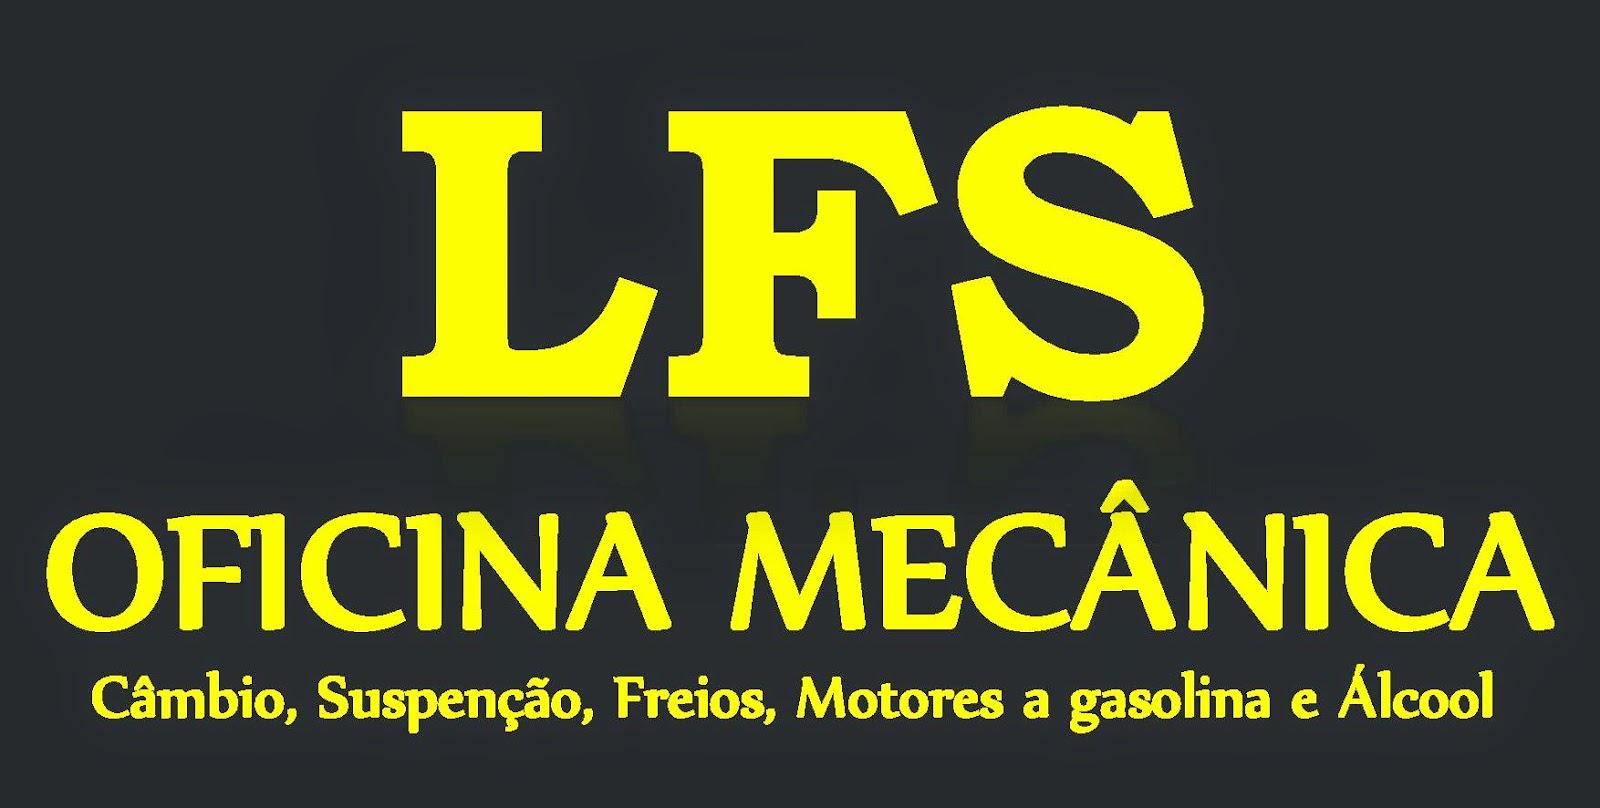 LFS  OFICINA MECÂNICA Câmbio, Suspensão, Freios Motores a gasolina e Álcool Rua. Dr. Julio Prestes, 111 Centro - Sarapui - SP tel: (15) 99621-0480